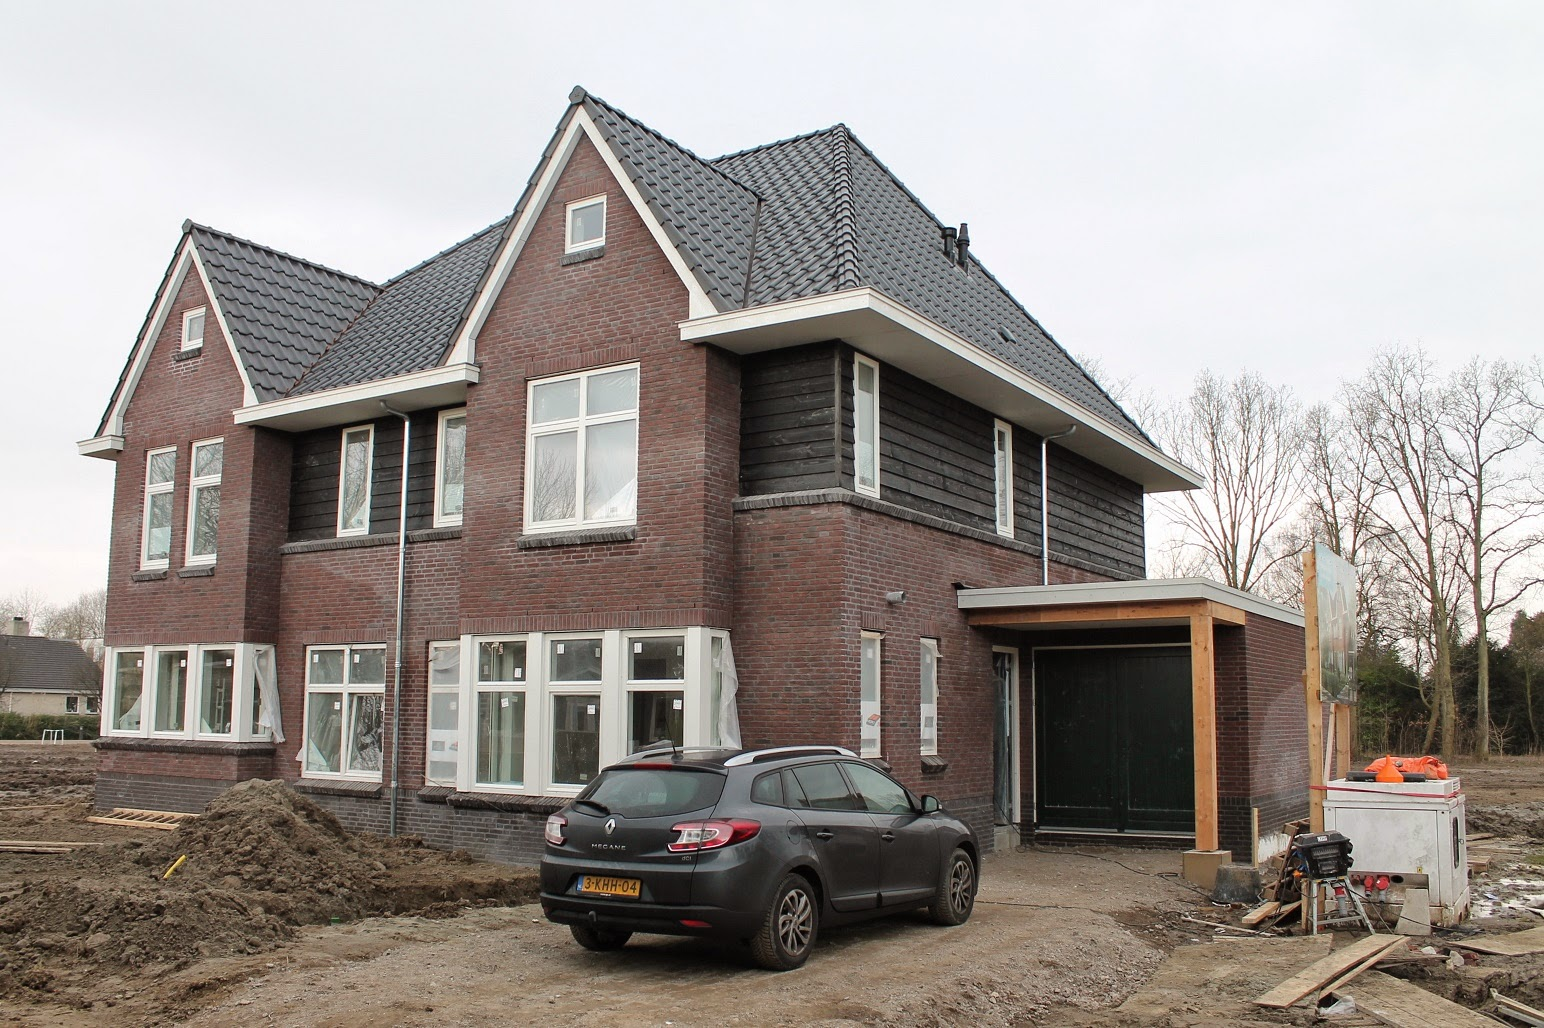 Helen marc & olivia bouwen een huis: stroom?